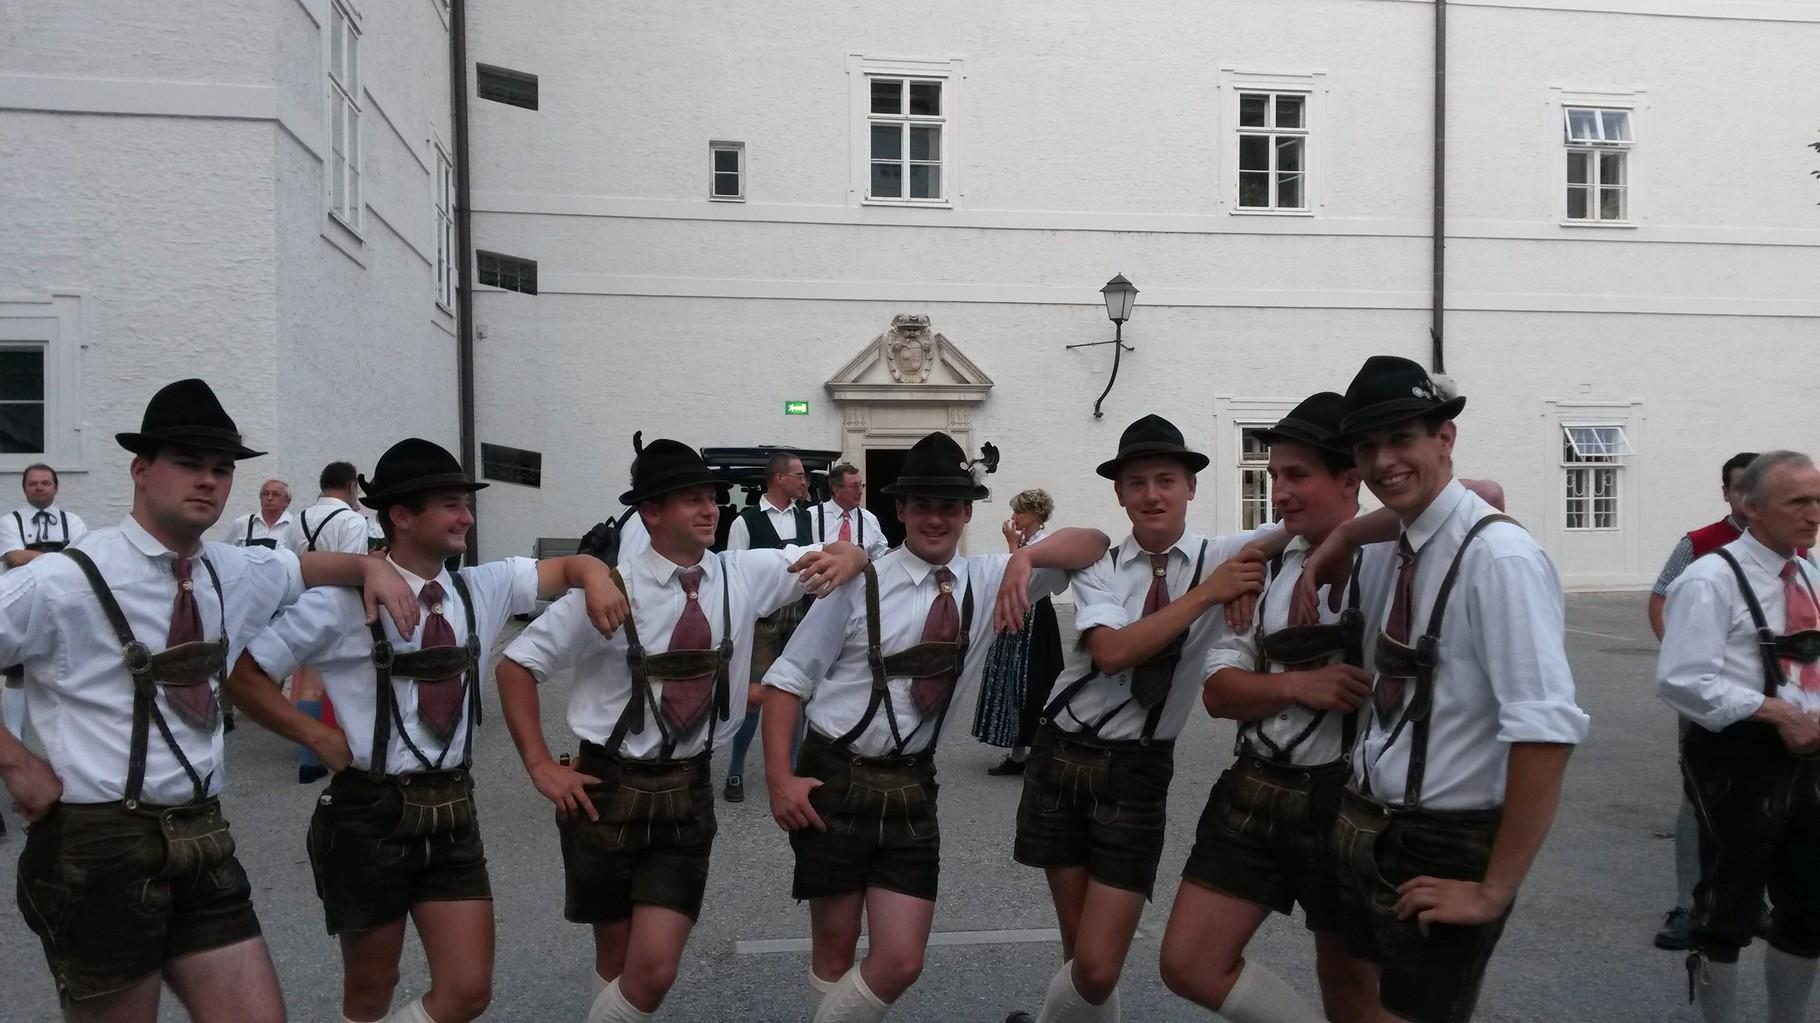 Eröffnung Festspiele 2013 - Großer Bandltanz